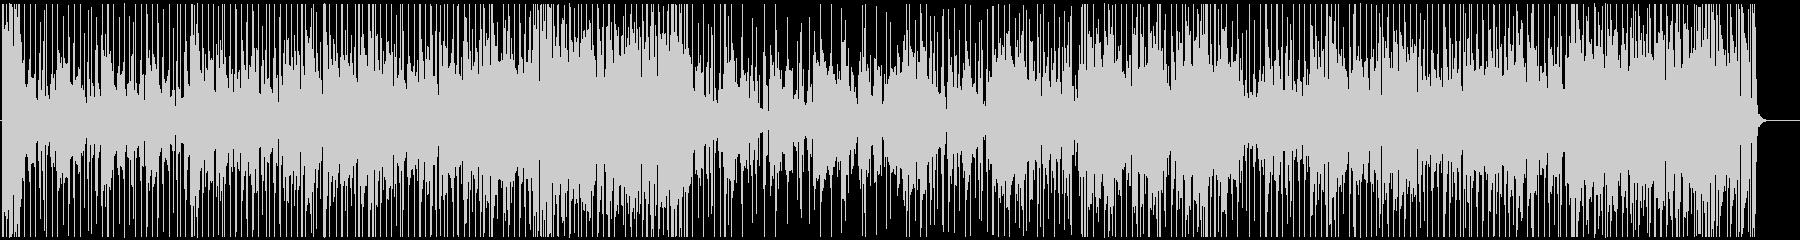 おしゃれなジャズフュージョンBGMの未再生の波形